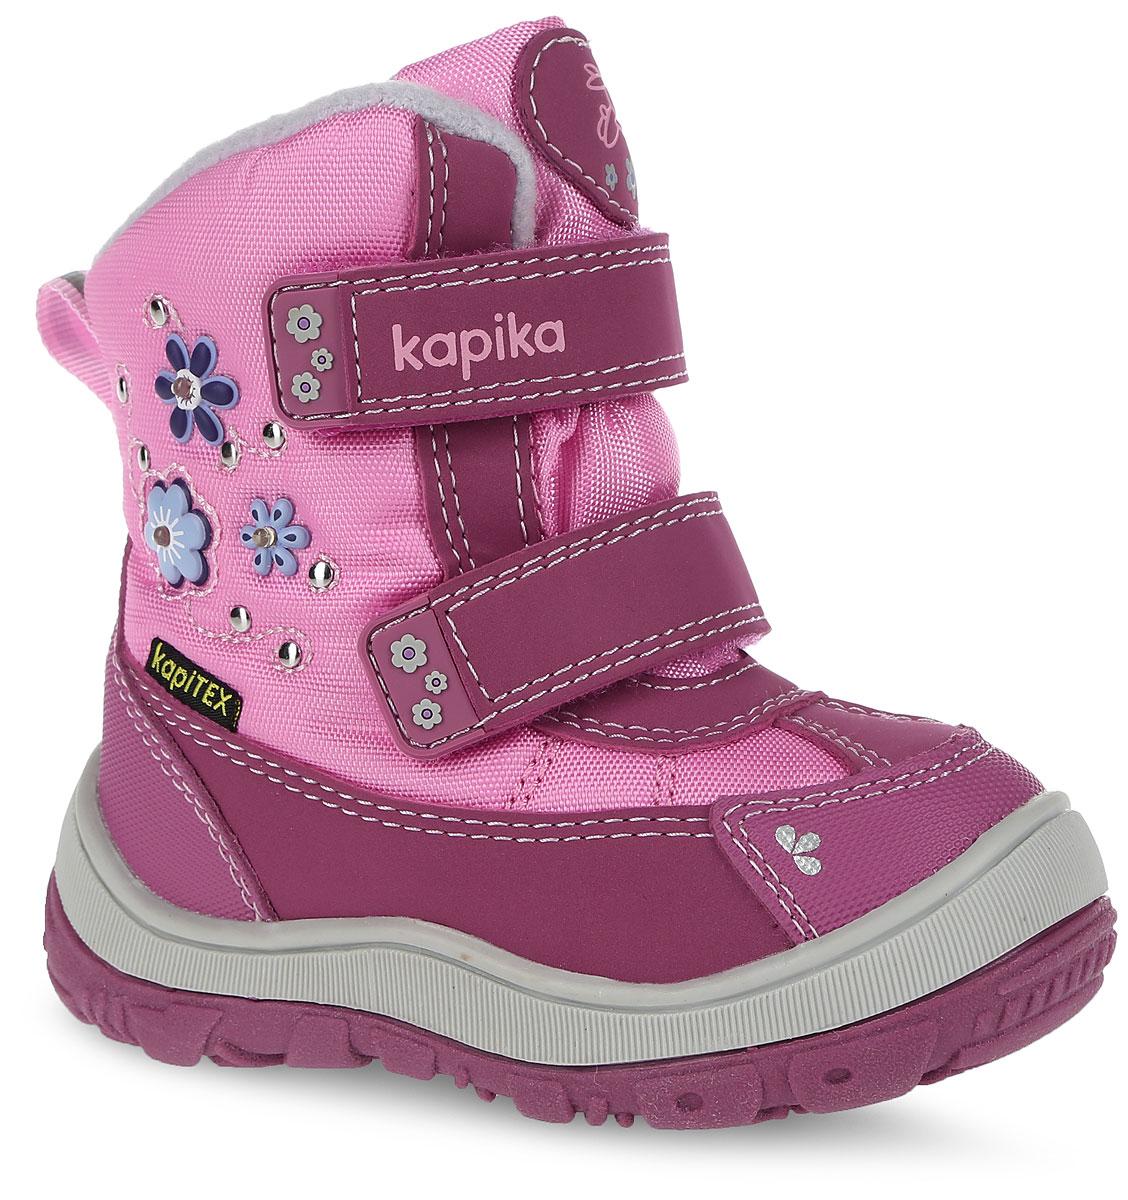 Ботинки для девочки. 41136-141136-1Стильные ботинки от Kapika заинтересуют вашу юную модницу с первого взгляда. Ботинки выполнены из искусственной кожи и плотного текстиля. Модель оформлена декоративными элементами в виде цветков. Передняя и задняя части дополнены накладками для уменьшения износа обуви. Модель фиксируется на ноге с помощью удобных ремешков с застежками-липучками, одна из которых оформлена надписью с названием фирмы. Ярлычок на заднике облегчает надевание обуви. Мягкий манжет и внутренняя поверхность из текстиля создают комфорт при ходьбе и предотвращают натирание ножки ребенка. Подкладка и стелька на 80% состоят из натуральной шерсти и обеспечат ножкам тепло и уют. Подошва изготовлена из прочного и легкого ТЭП-материала, а ее рифленая поверхность гарантирует отличное сцепление с любой поверхностью. Стильные и практичные ботинки займут достойное место в гардеробе вашей девочки.